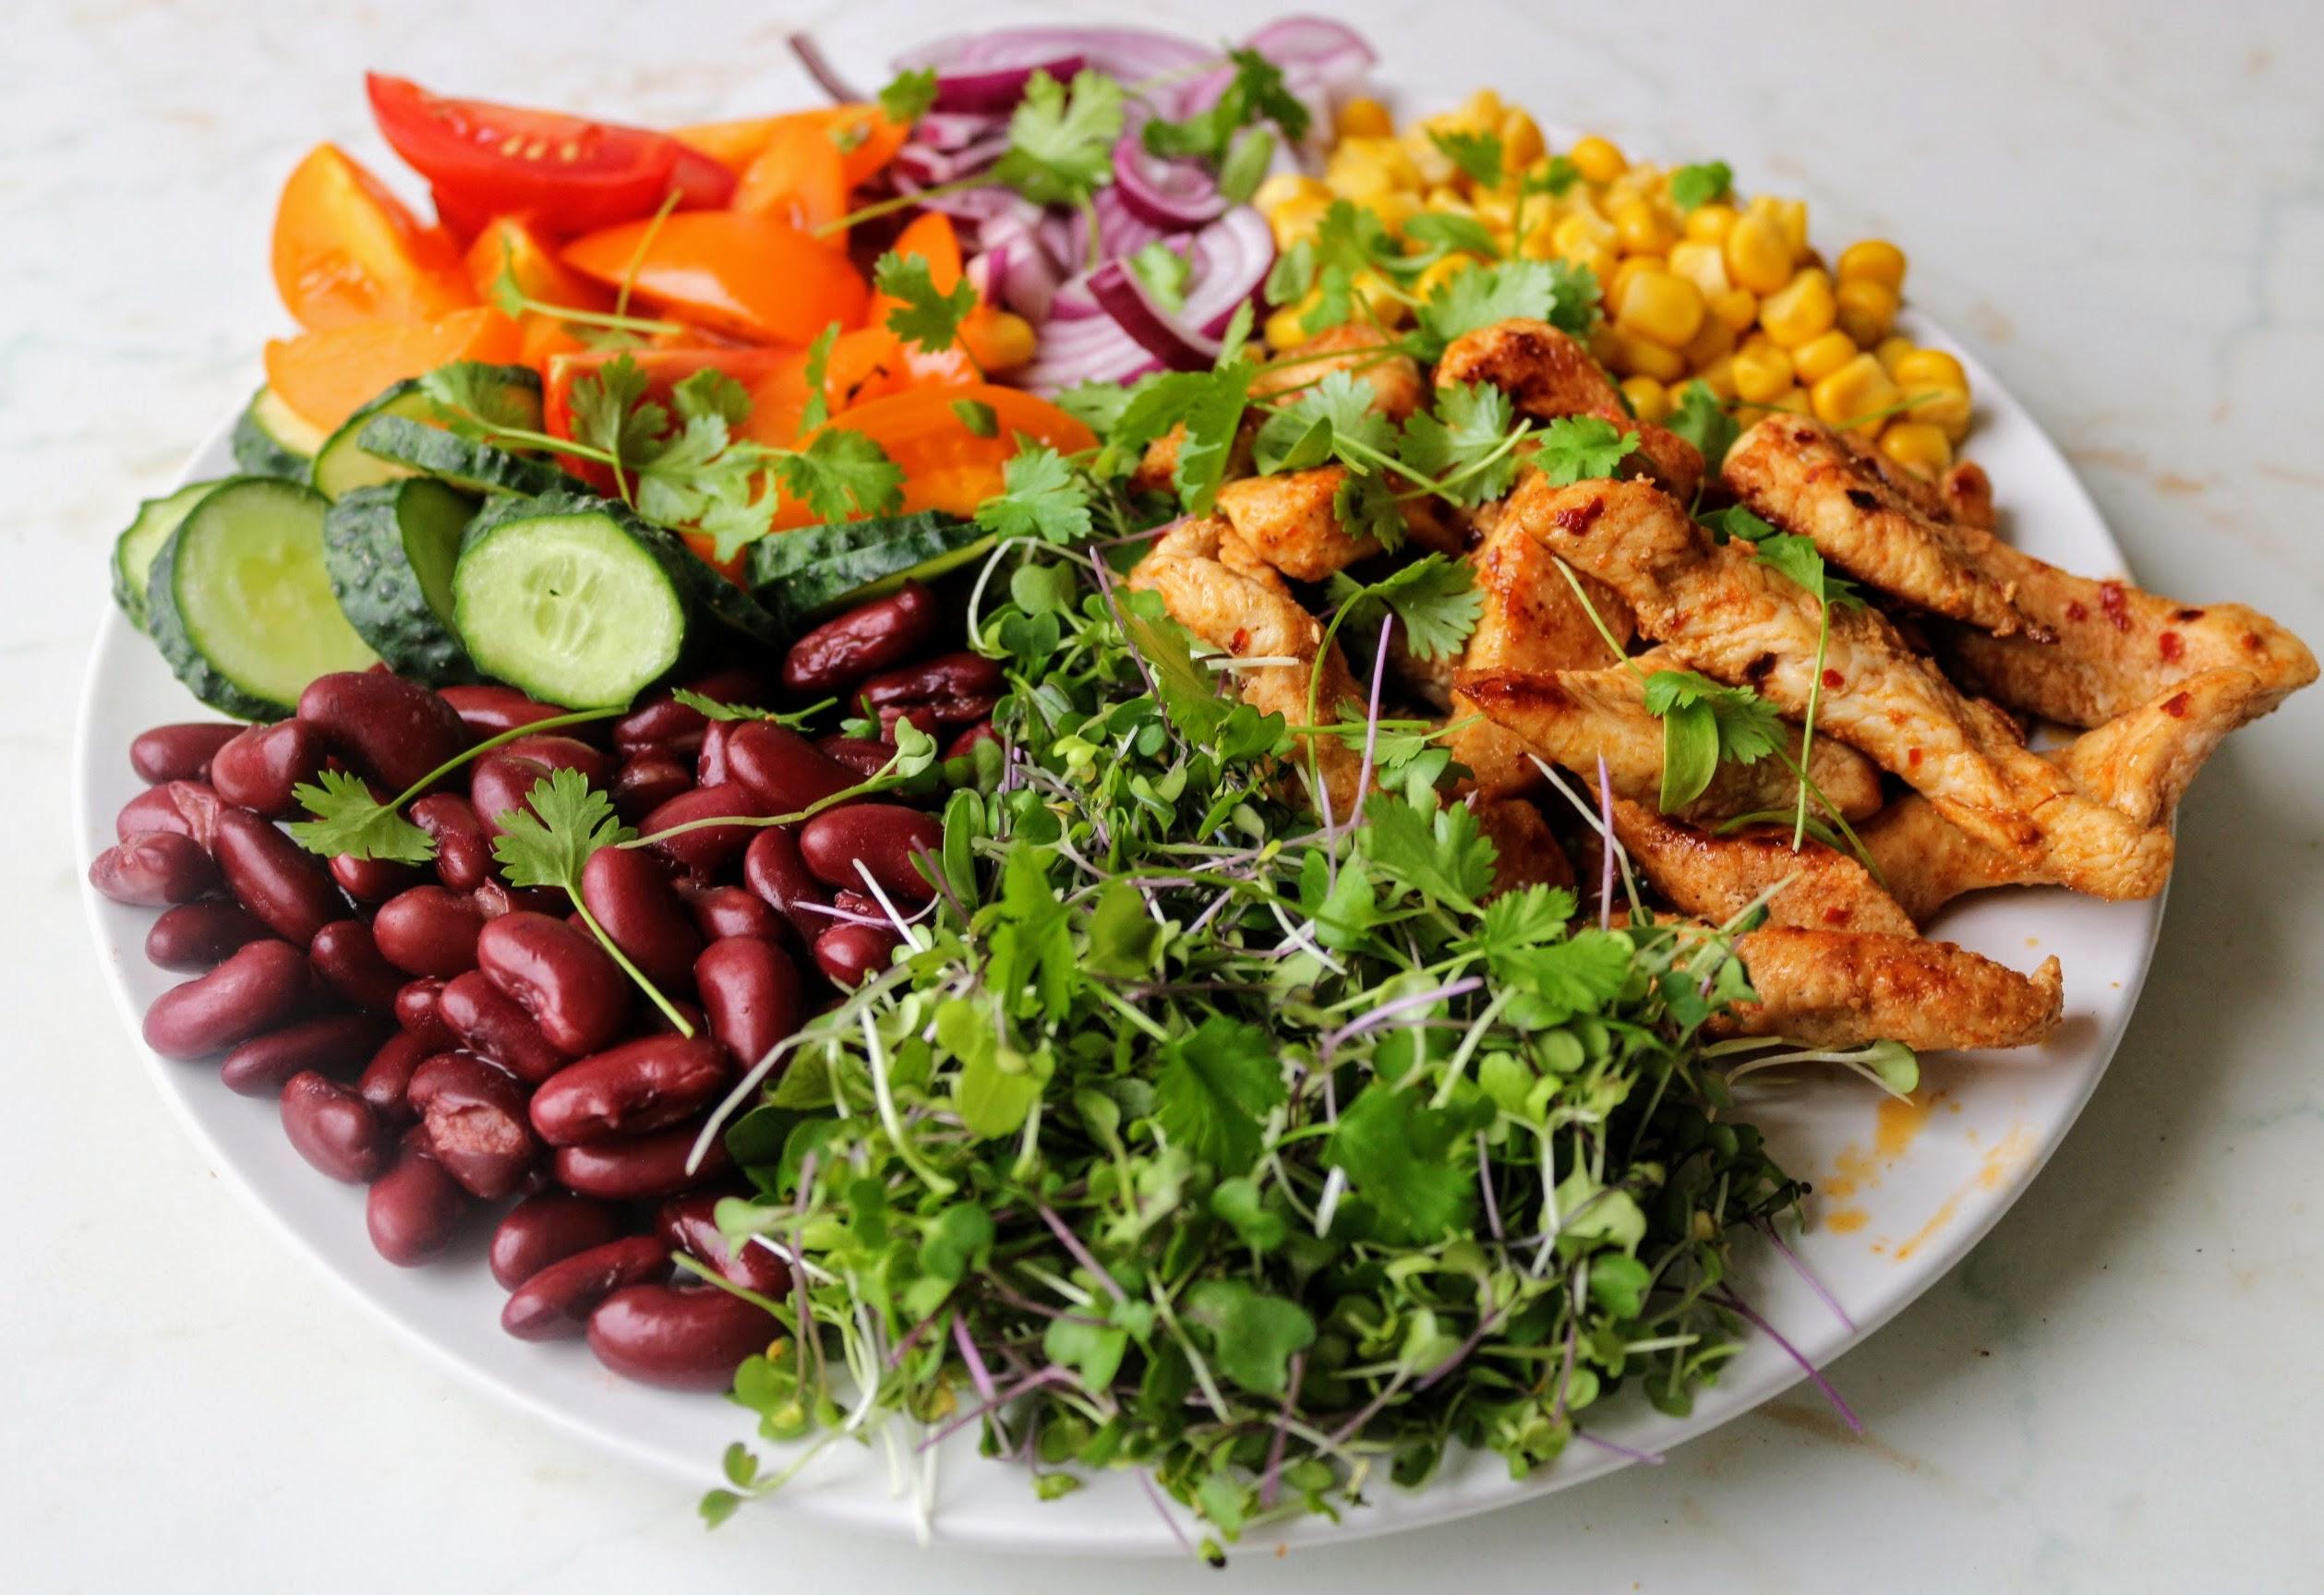 Mexikói csirkés salátatál joghurtos öntettel